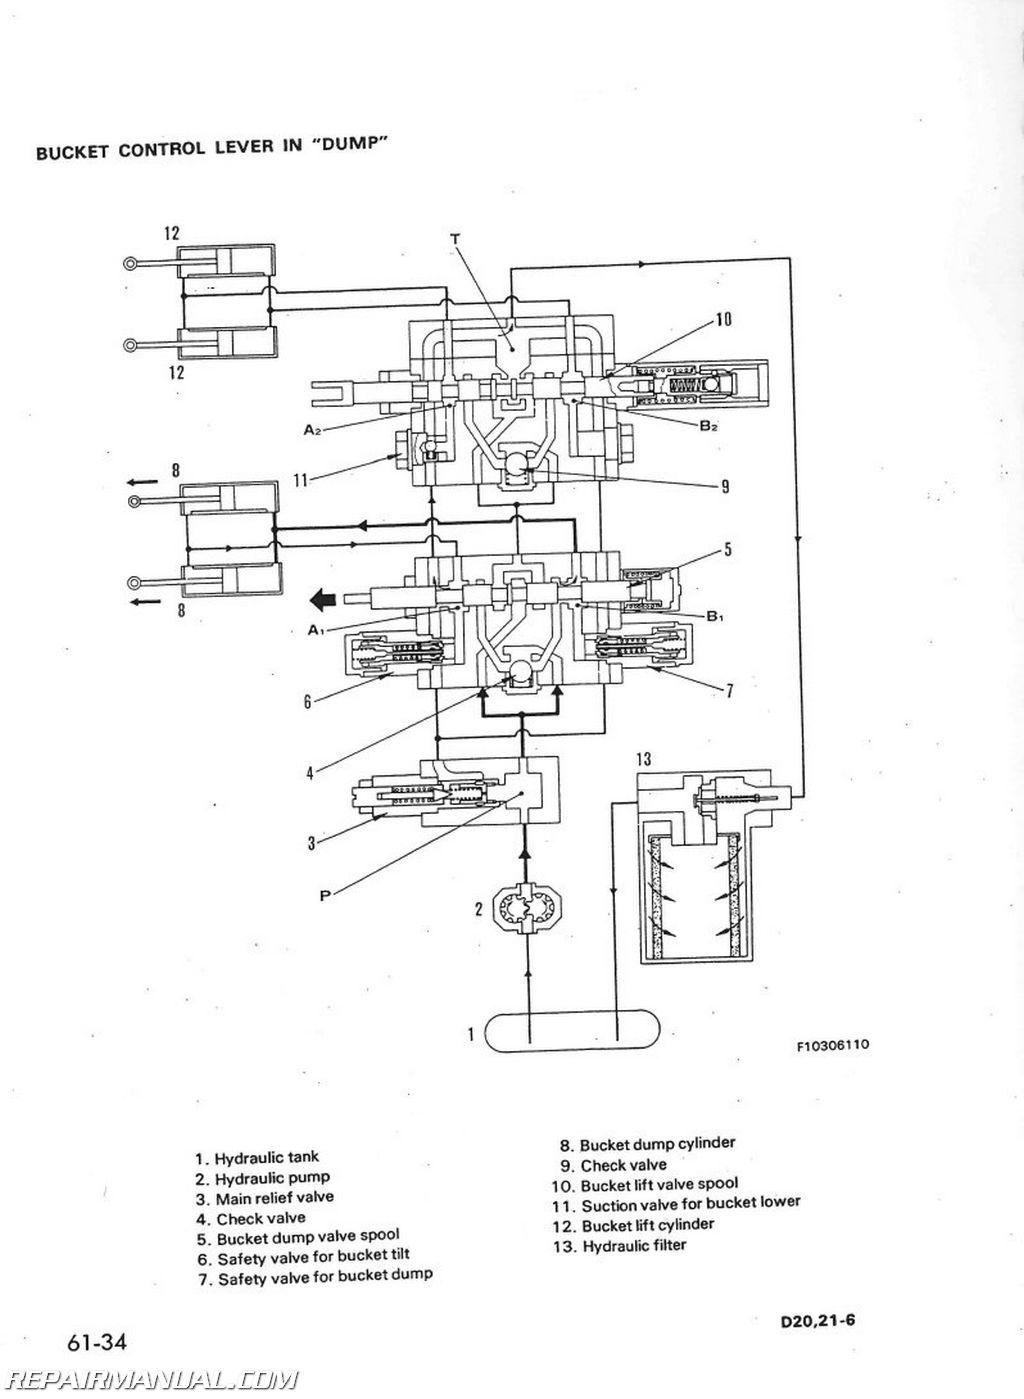 komatsu d20 wiring diagram bch vipie de \u2022 Raymond Forklift Wiring Diagram komatsu 25 forklift wiring diagram best wiring library rh 134 princestaash org